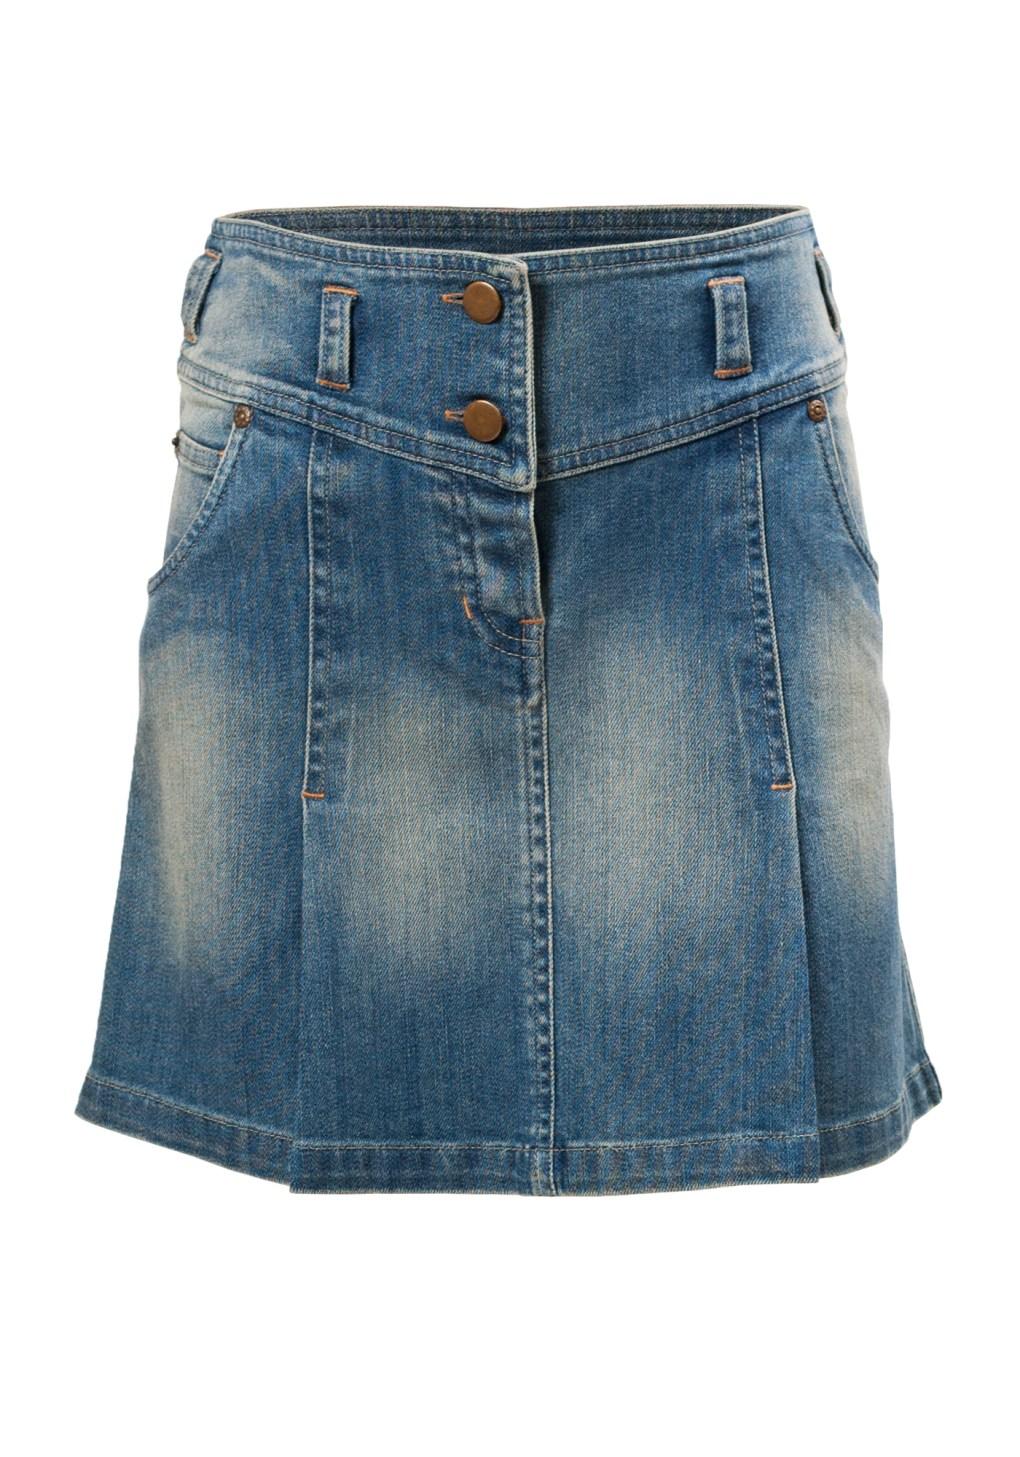 Arizona Falls Knee Length Girls Skirt in Blue Denim